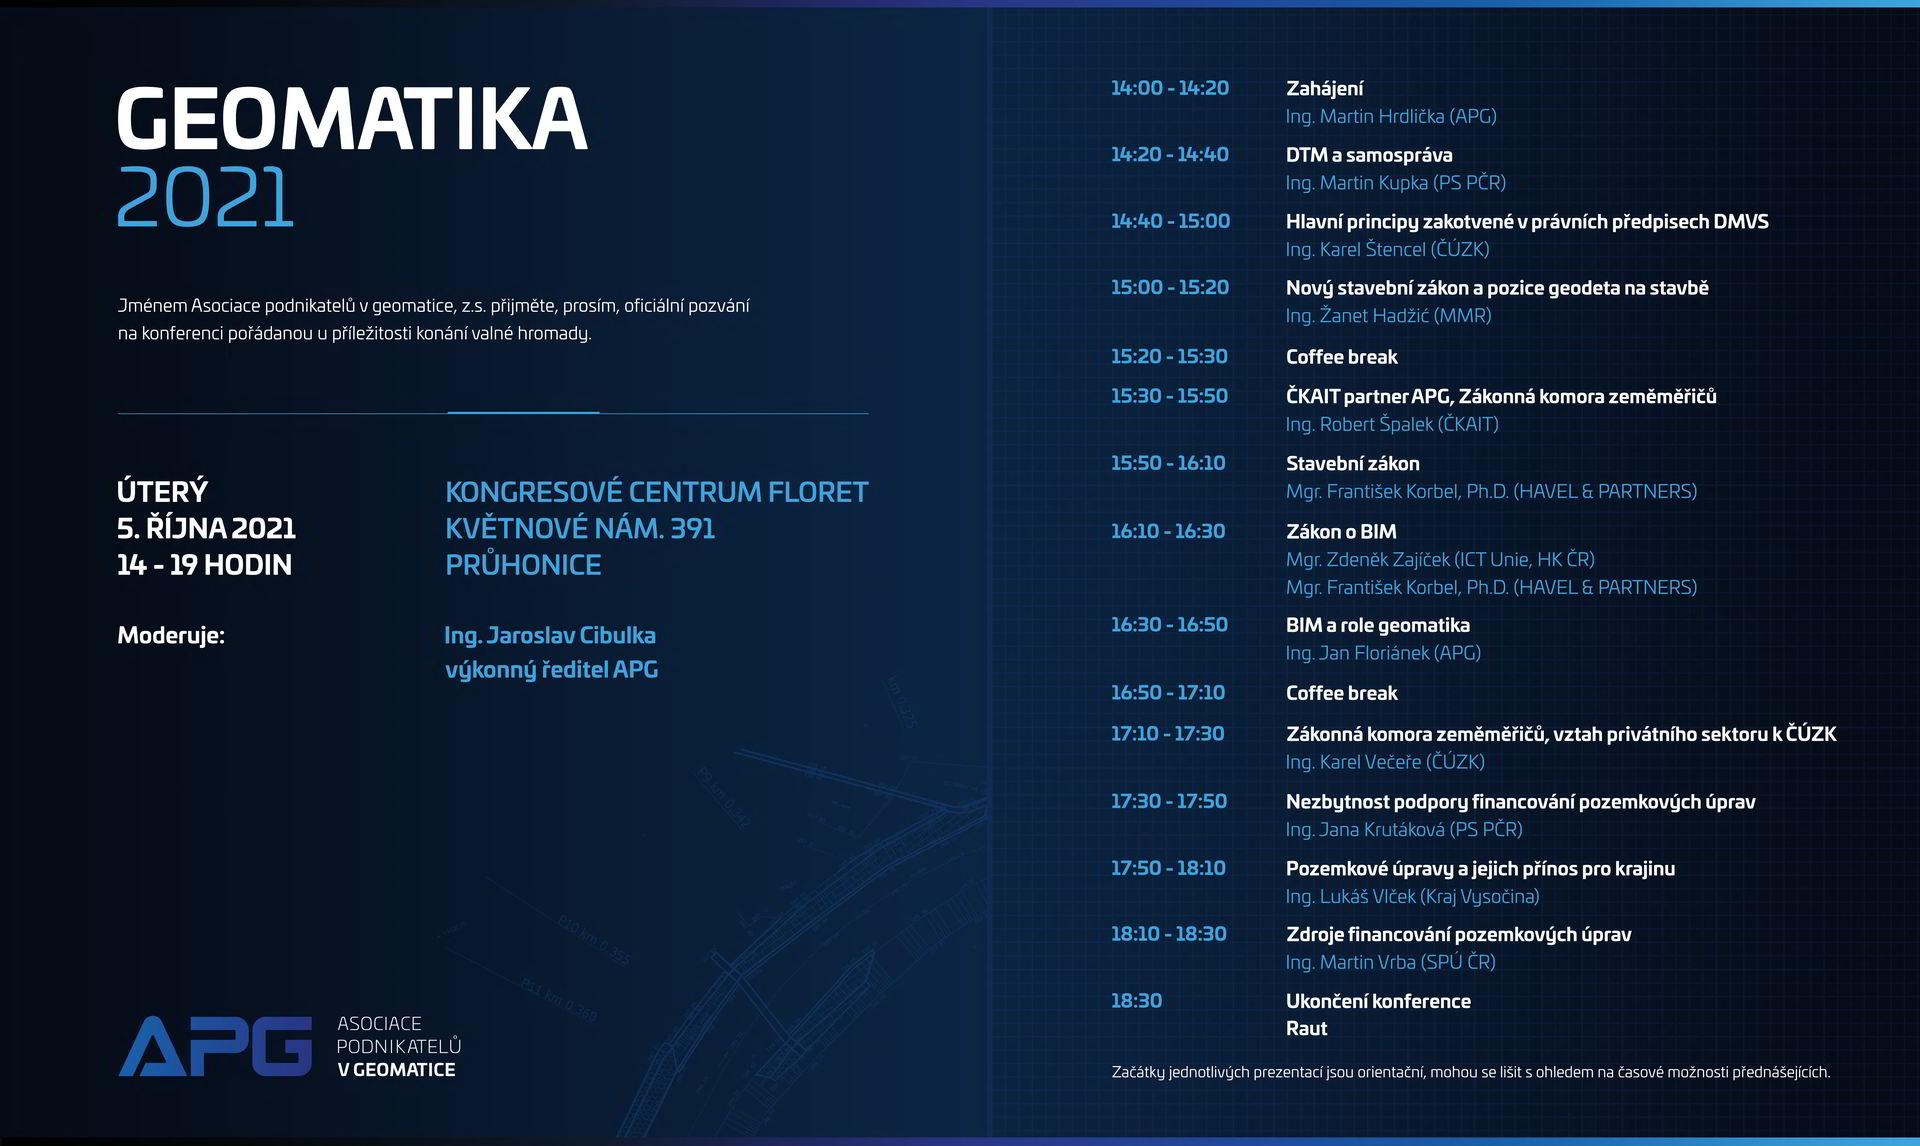 apg-geomatika-21-pozvanka-konference